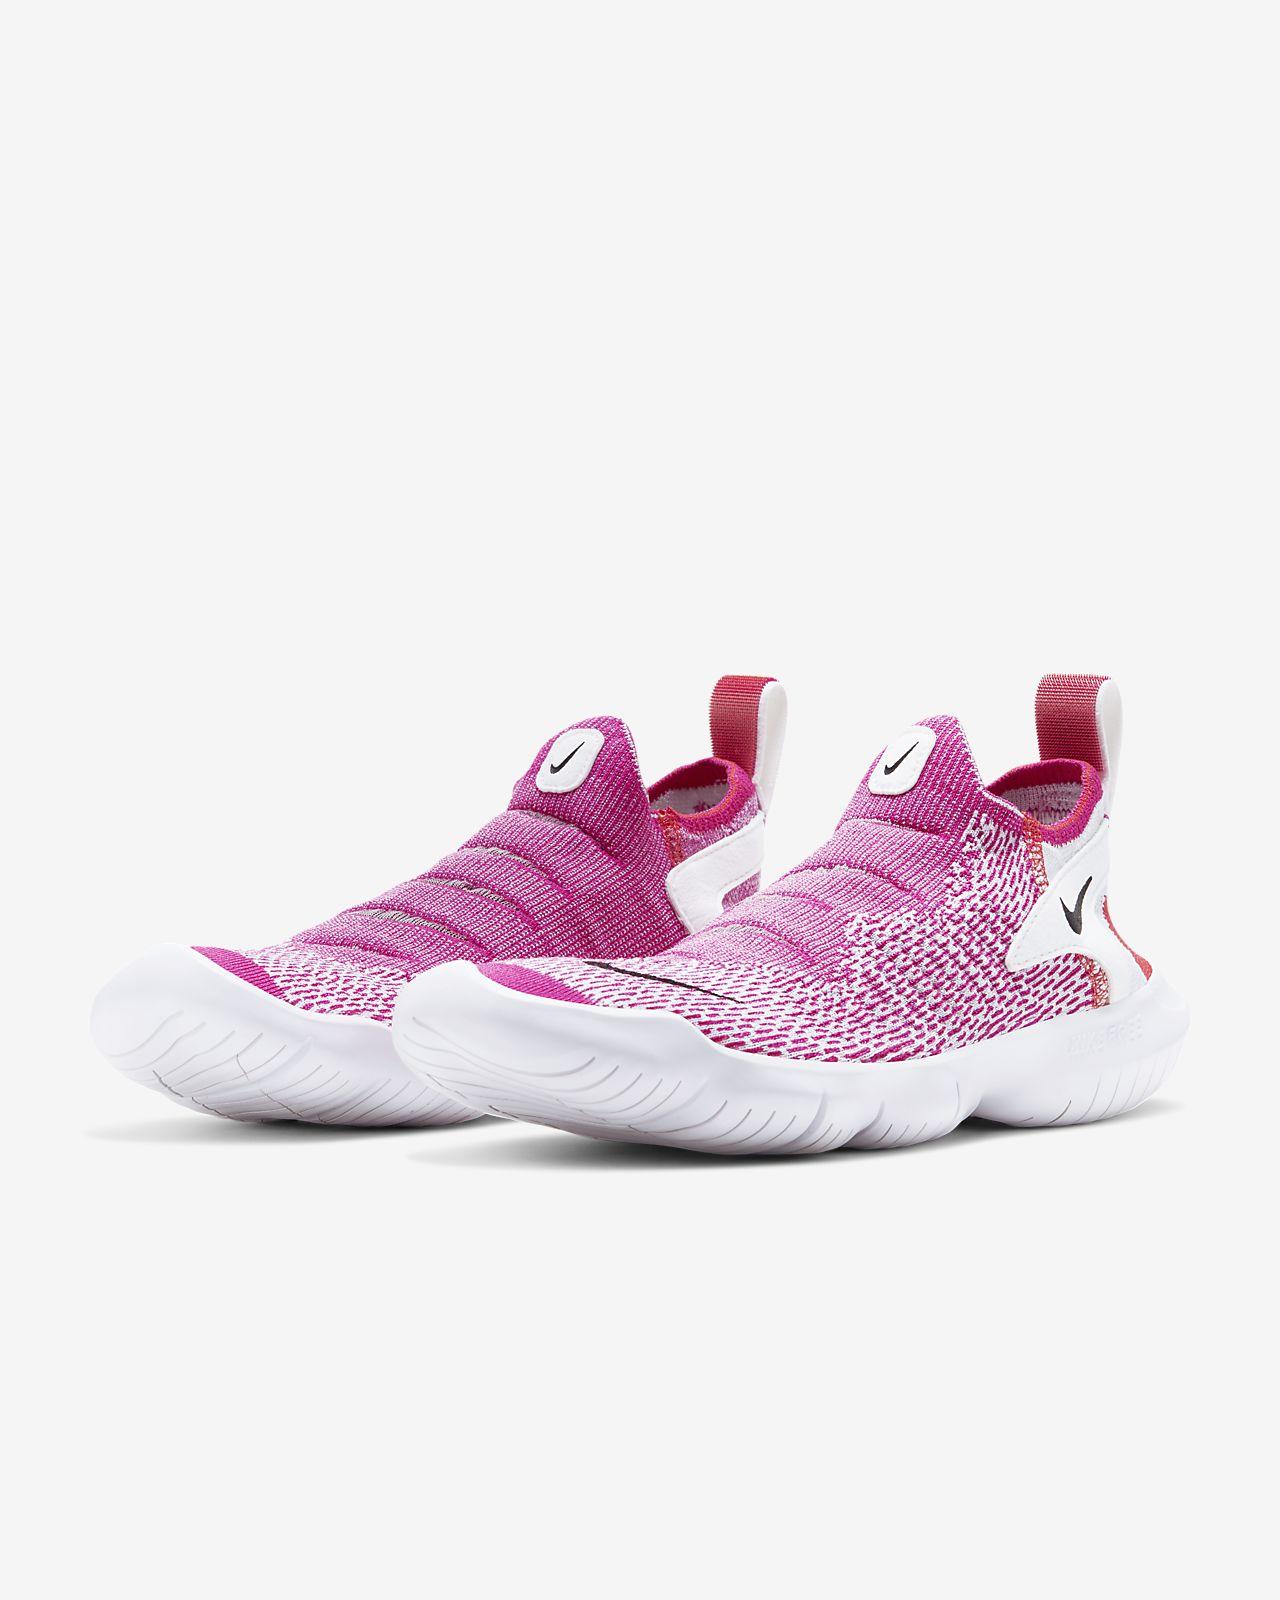 scarpe nike donna running | Benvenuto per comprare | www